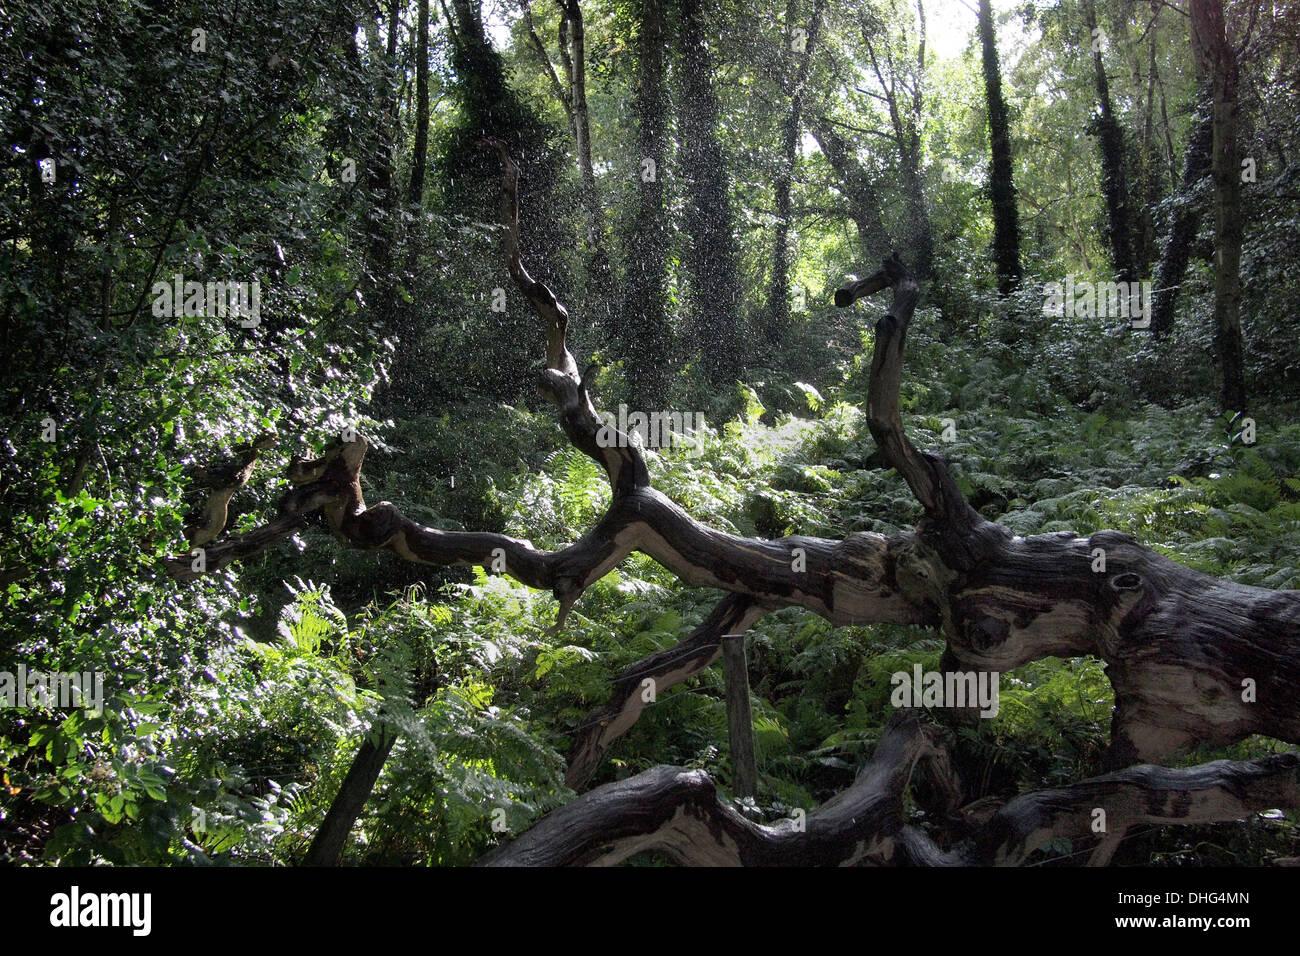 Sun and rain in woods on Hampstead Heath London UK - Stock Image